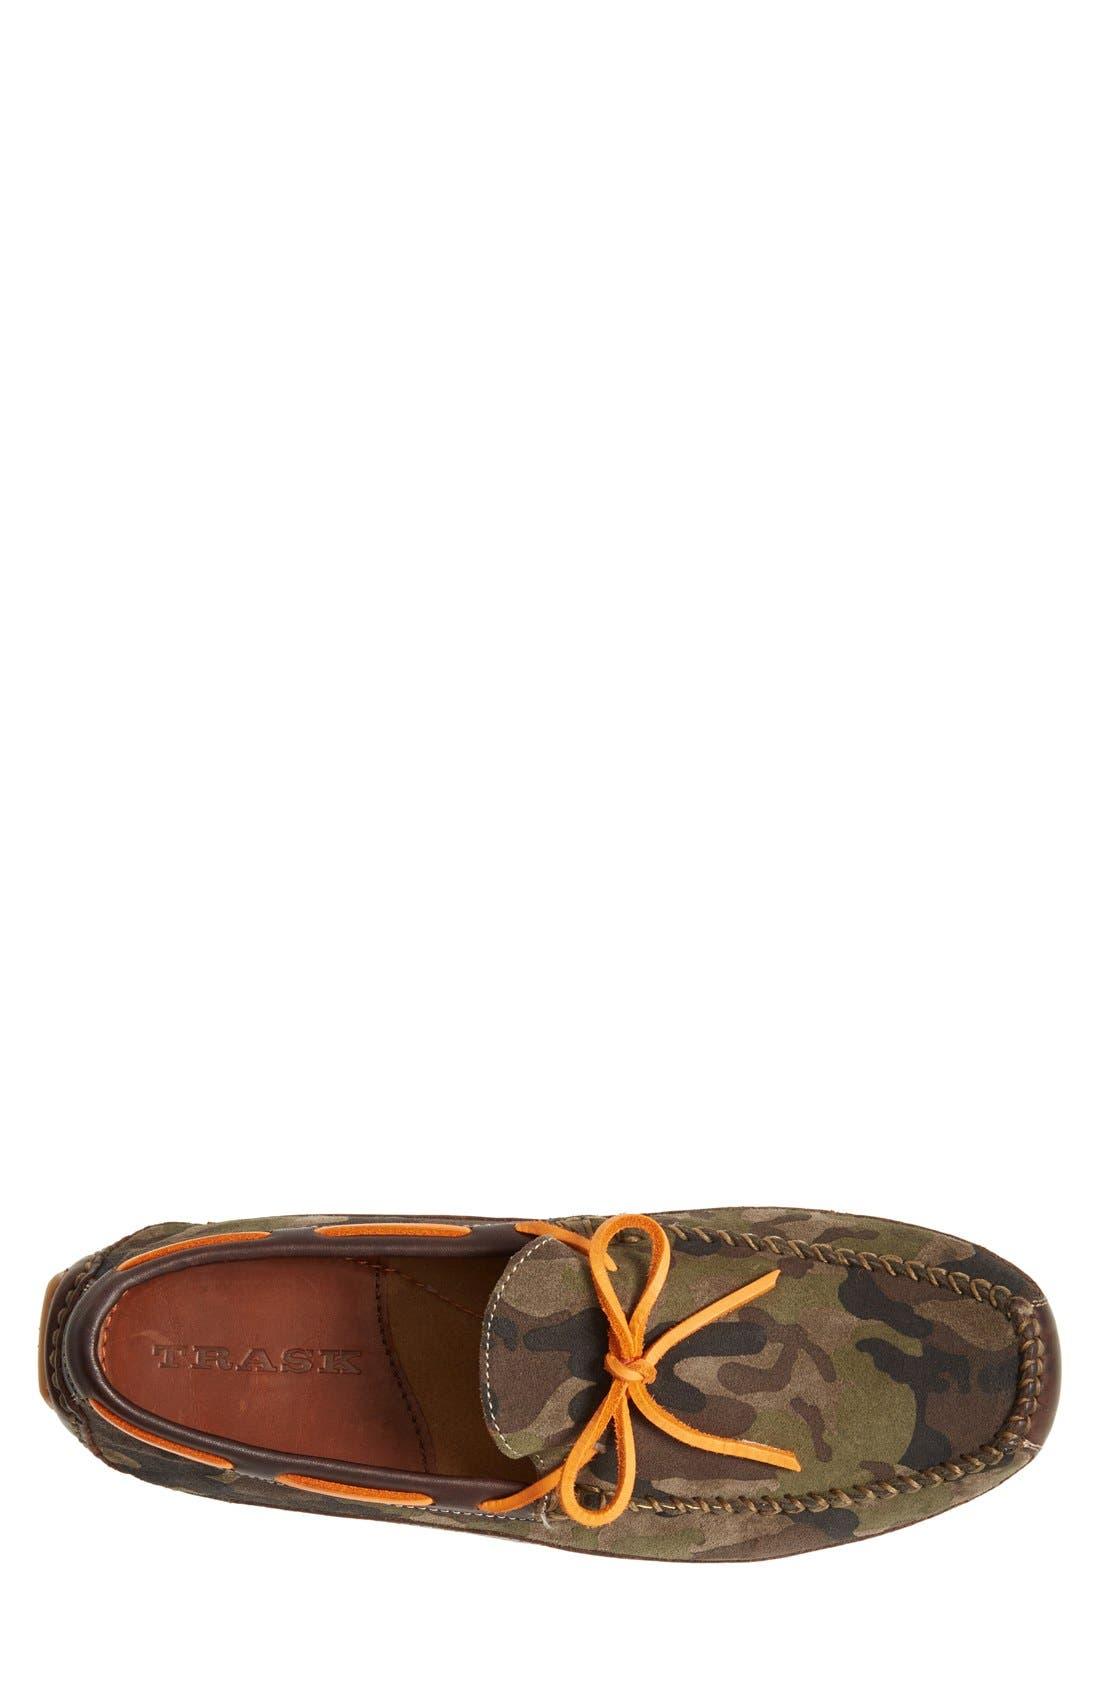 'Drake' Leather Driving Shoe,                             Alternate thumbnail 47, color,